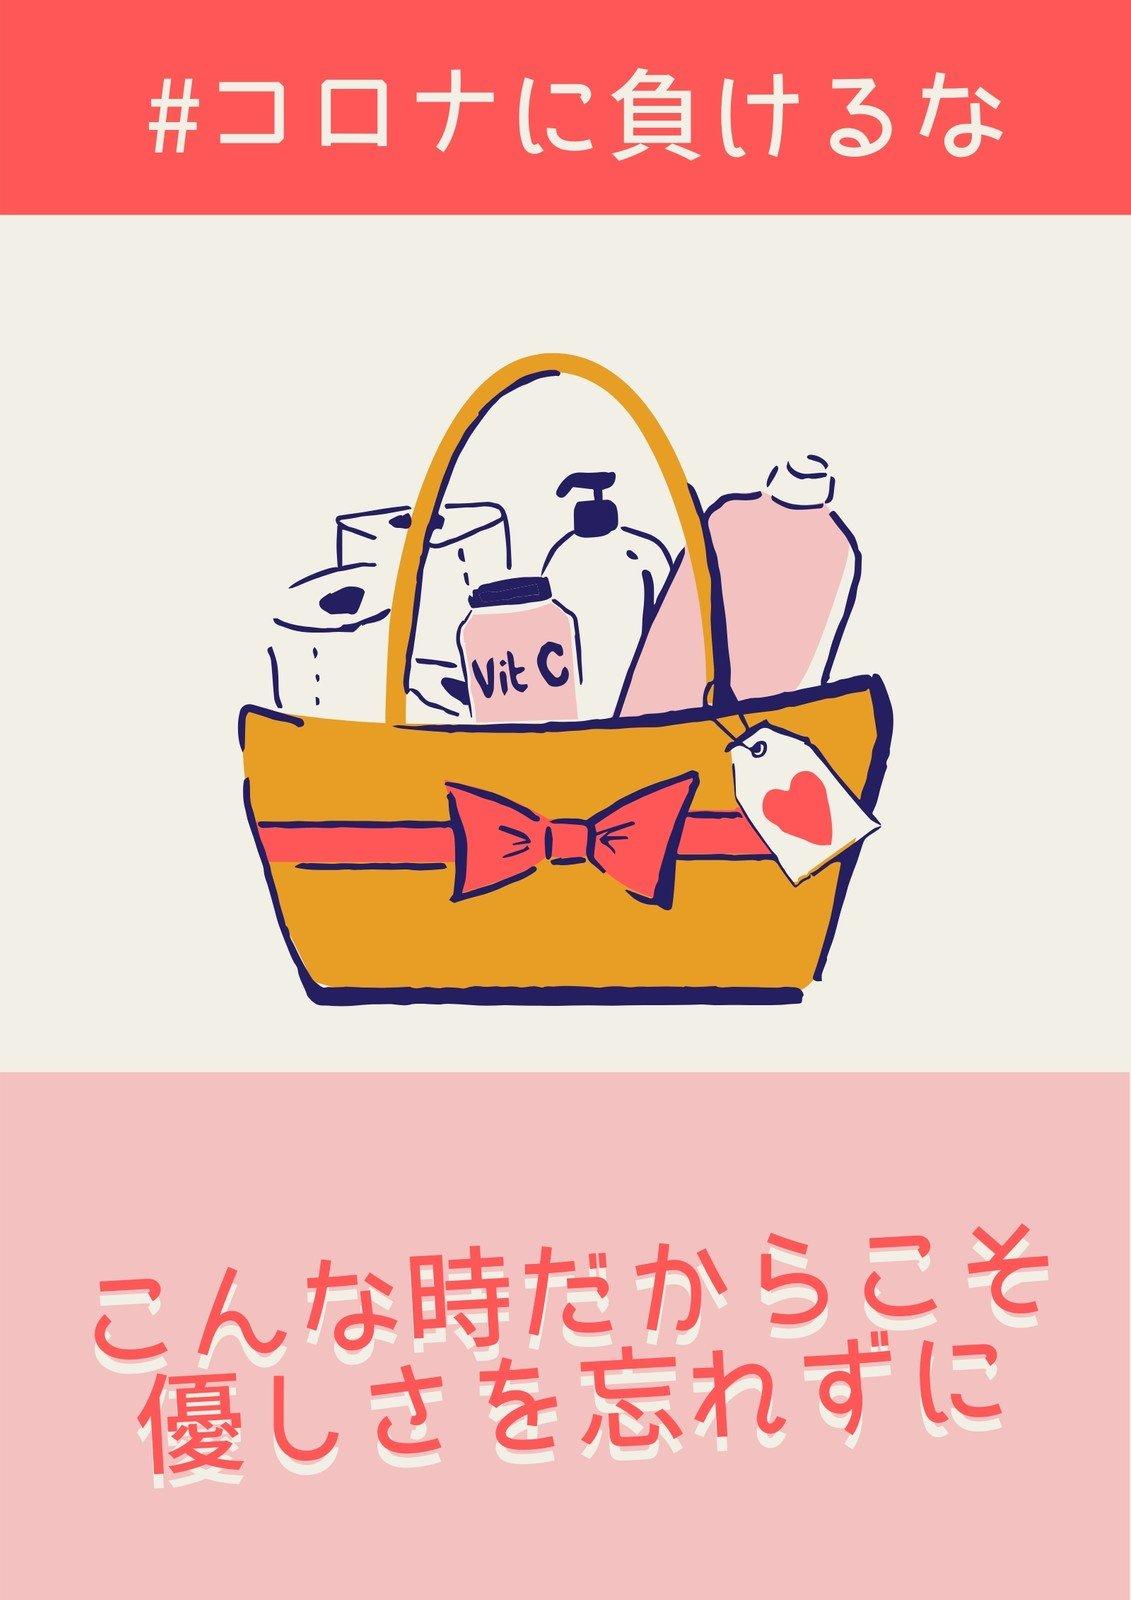 ピンクとオレンジのスプレッド停止のポスター